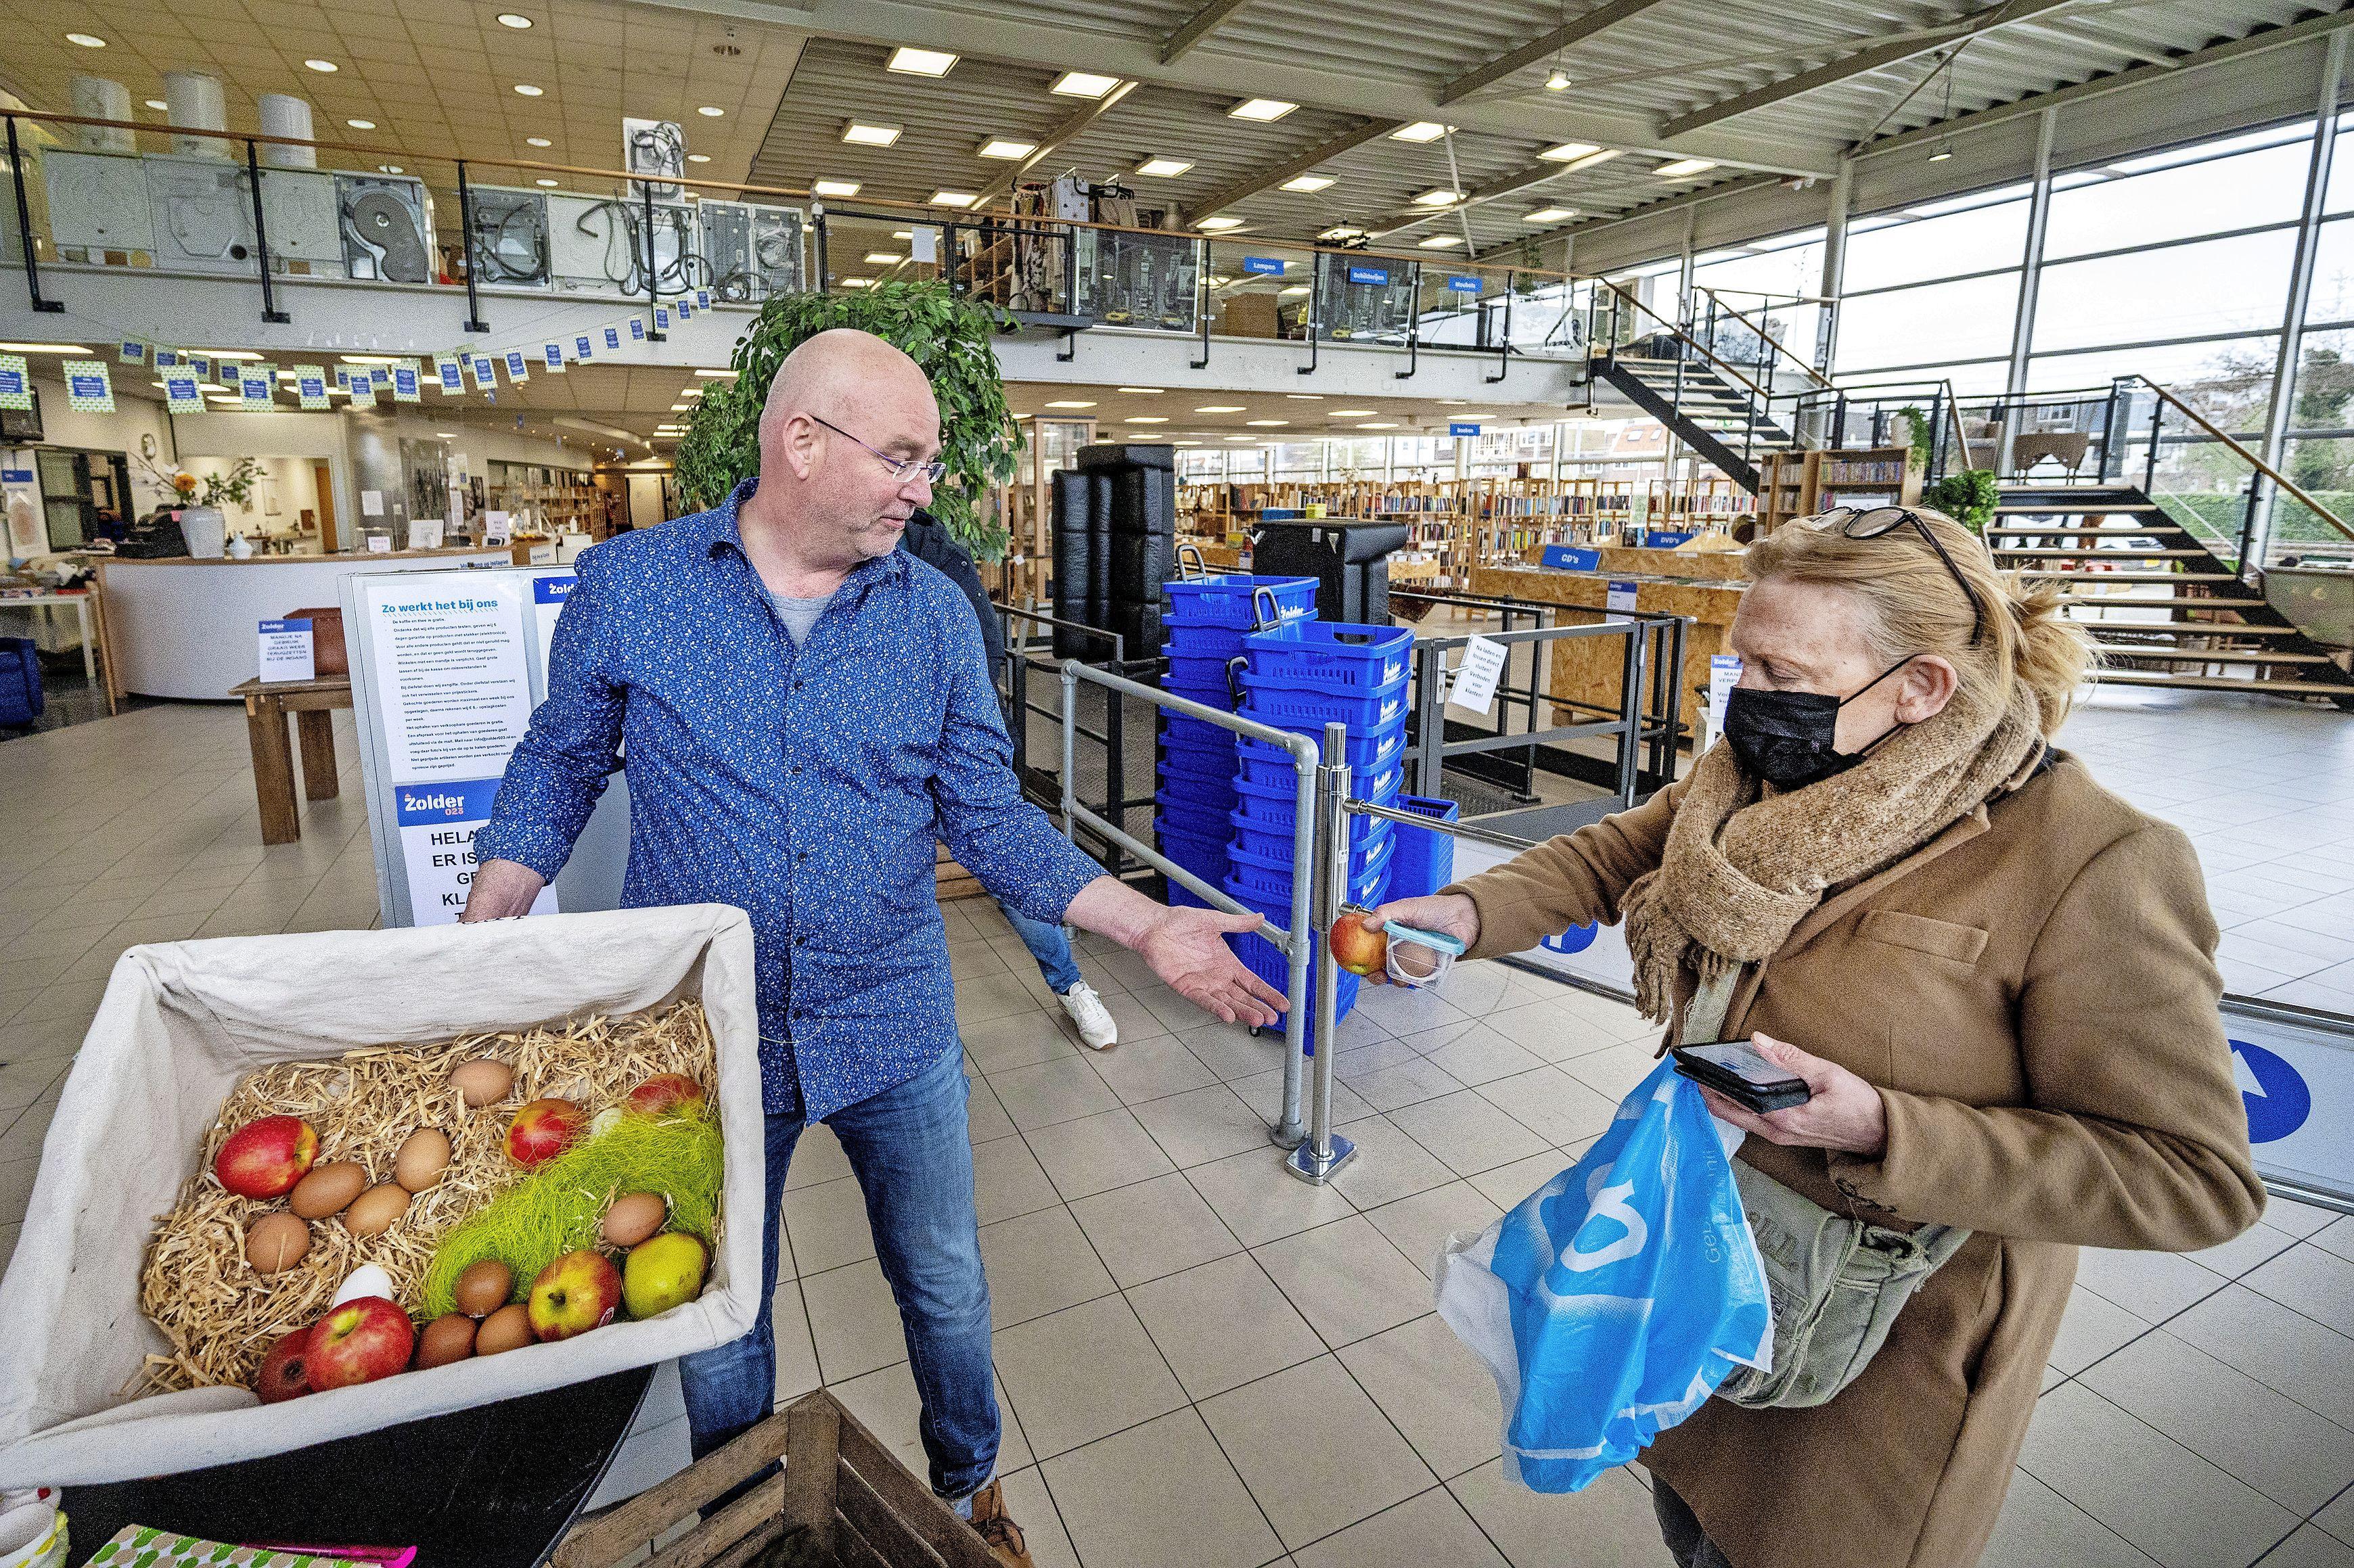 Paasactie Zolder023: Korting voor klanten en appels en eieren voor dieren van de Artisklas